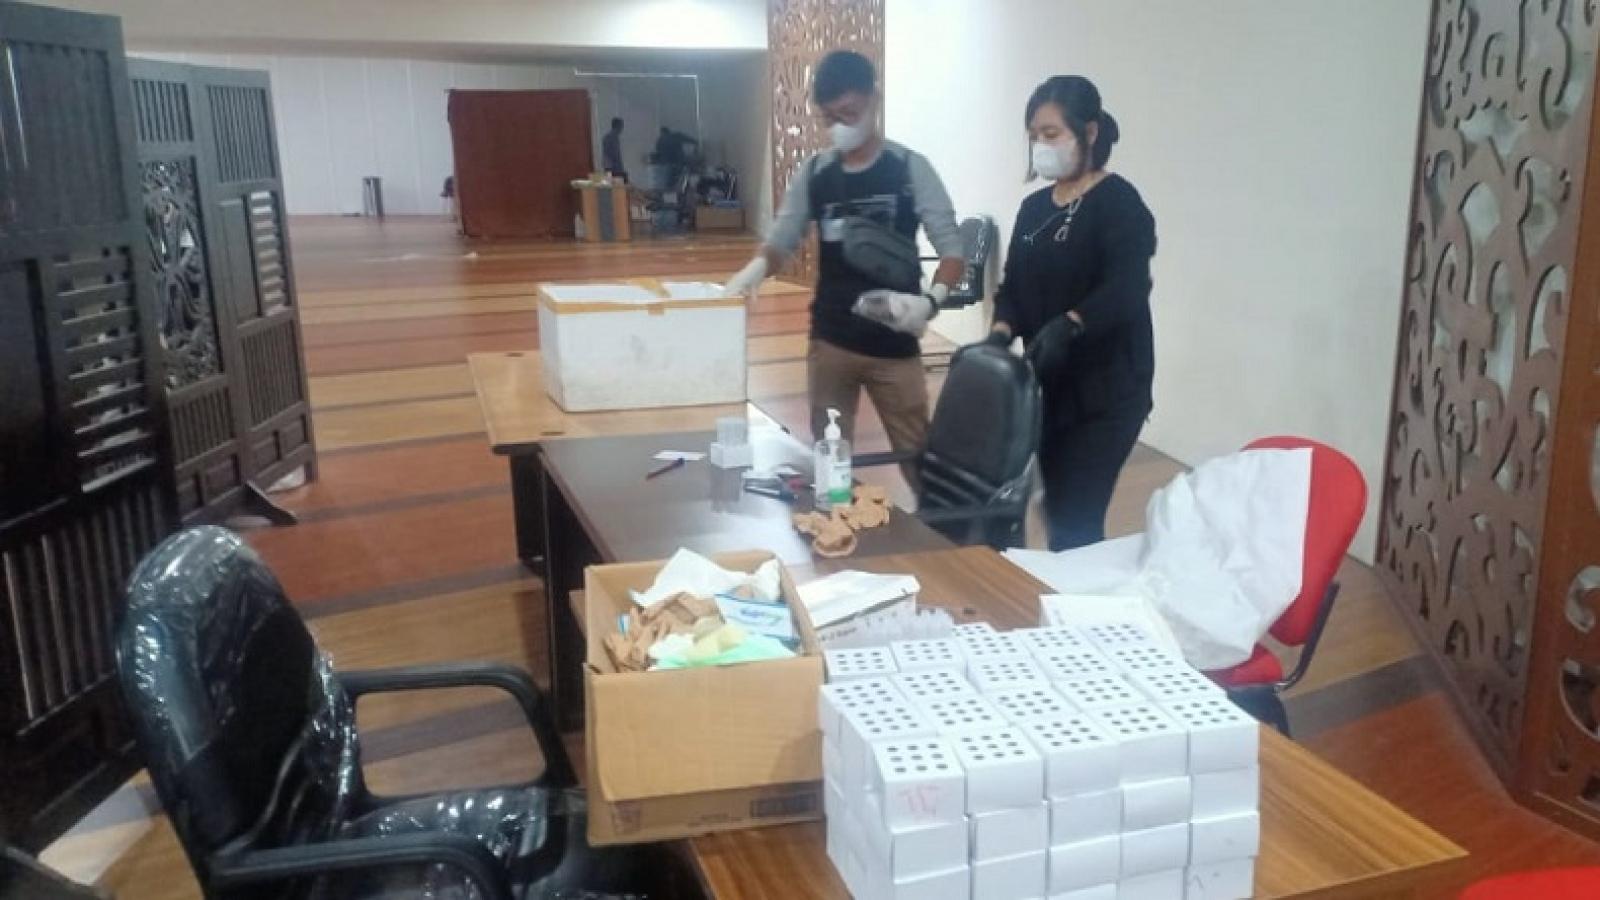 Sốc với hành vi tái sử dụng que xét nghiệm Covid-19 ở Indonesia